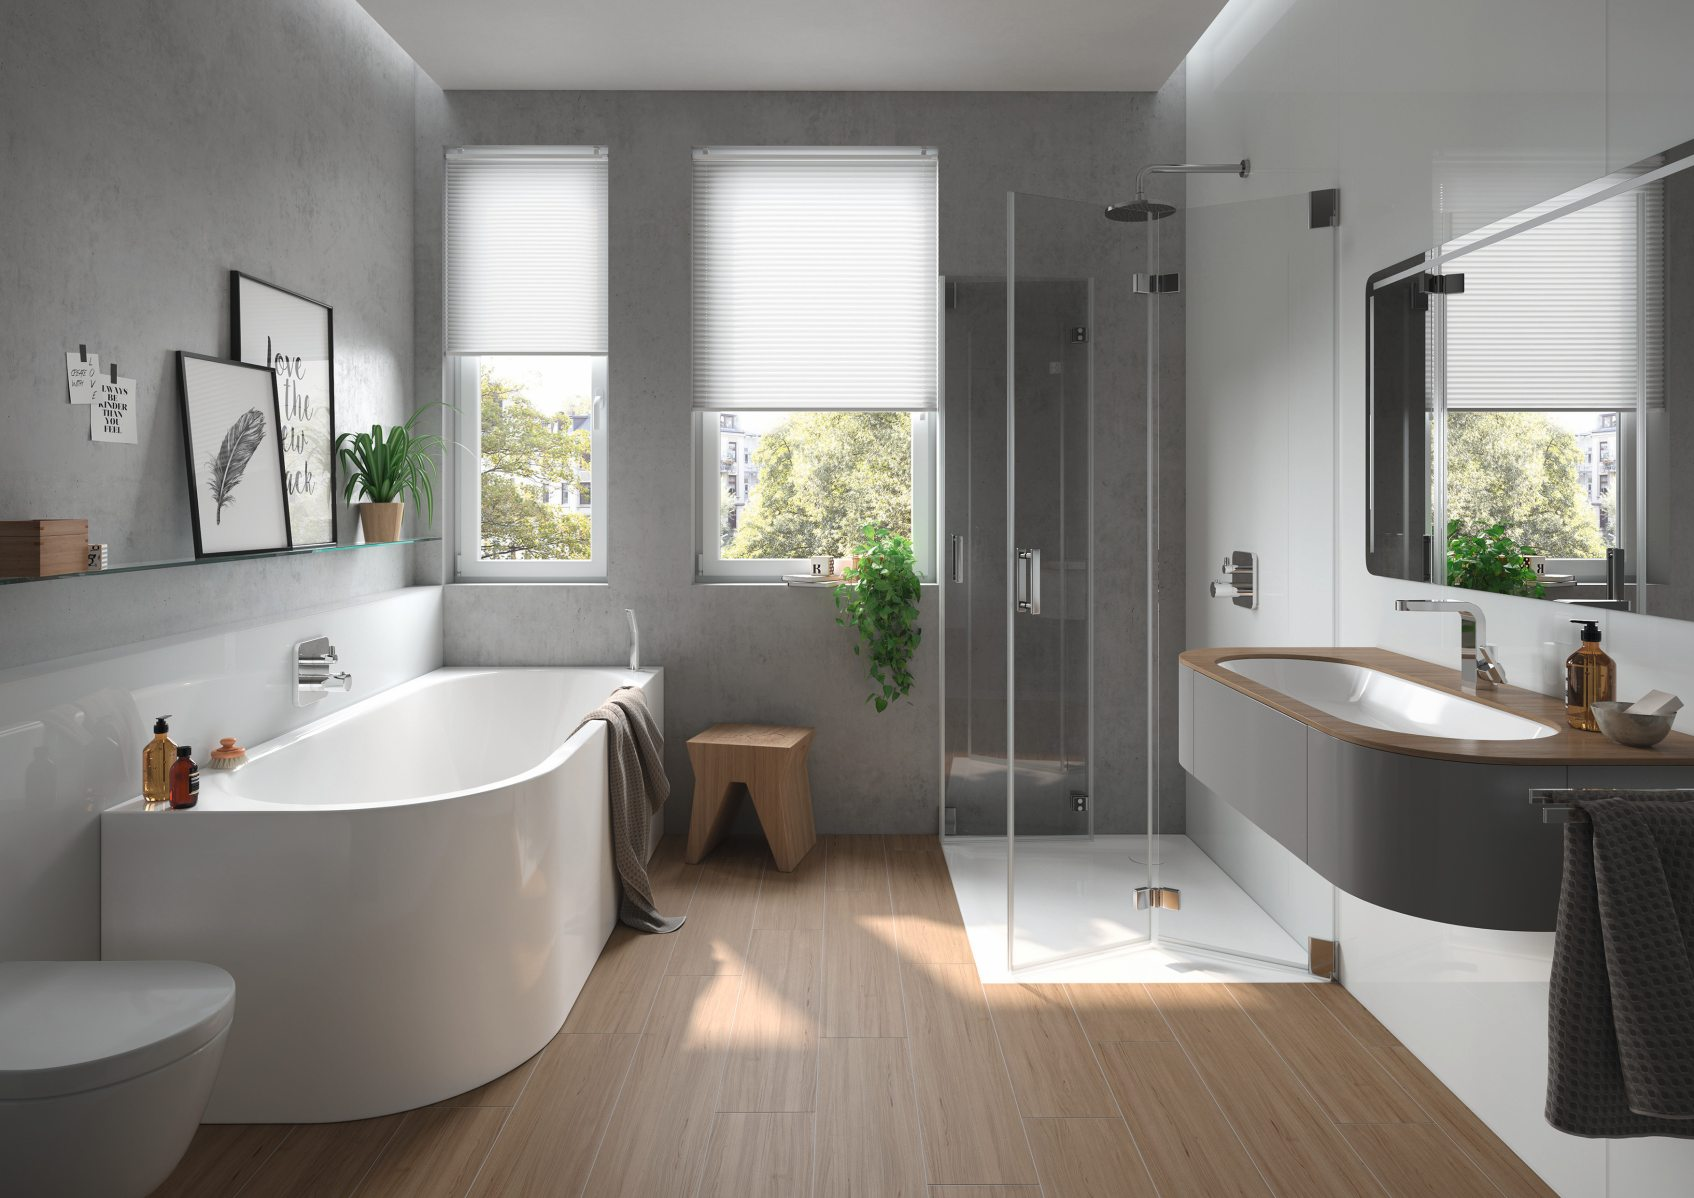 25 Pomysłów Szara łazienka Jakie Dodatki Płytki I Meble